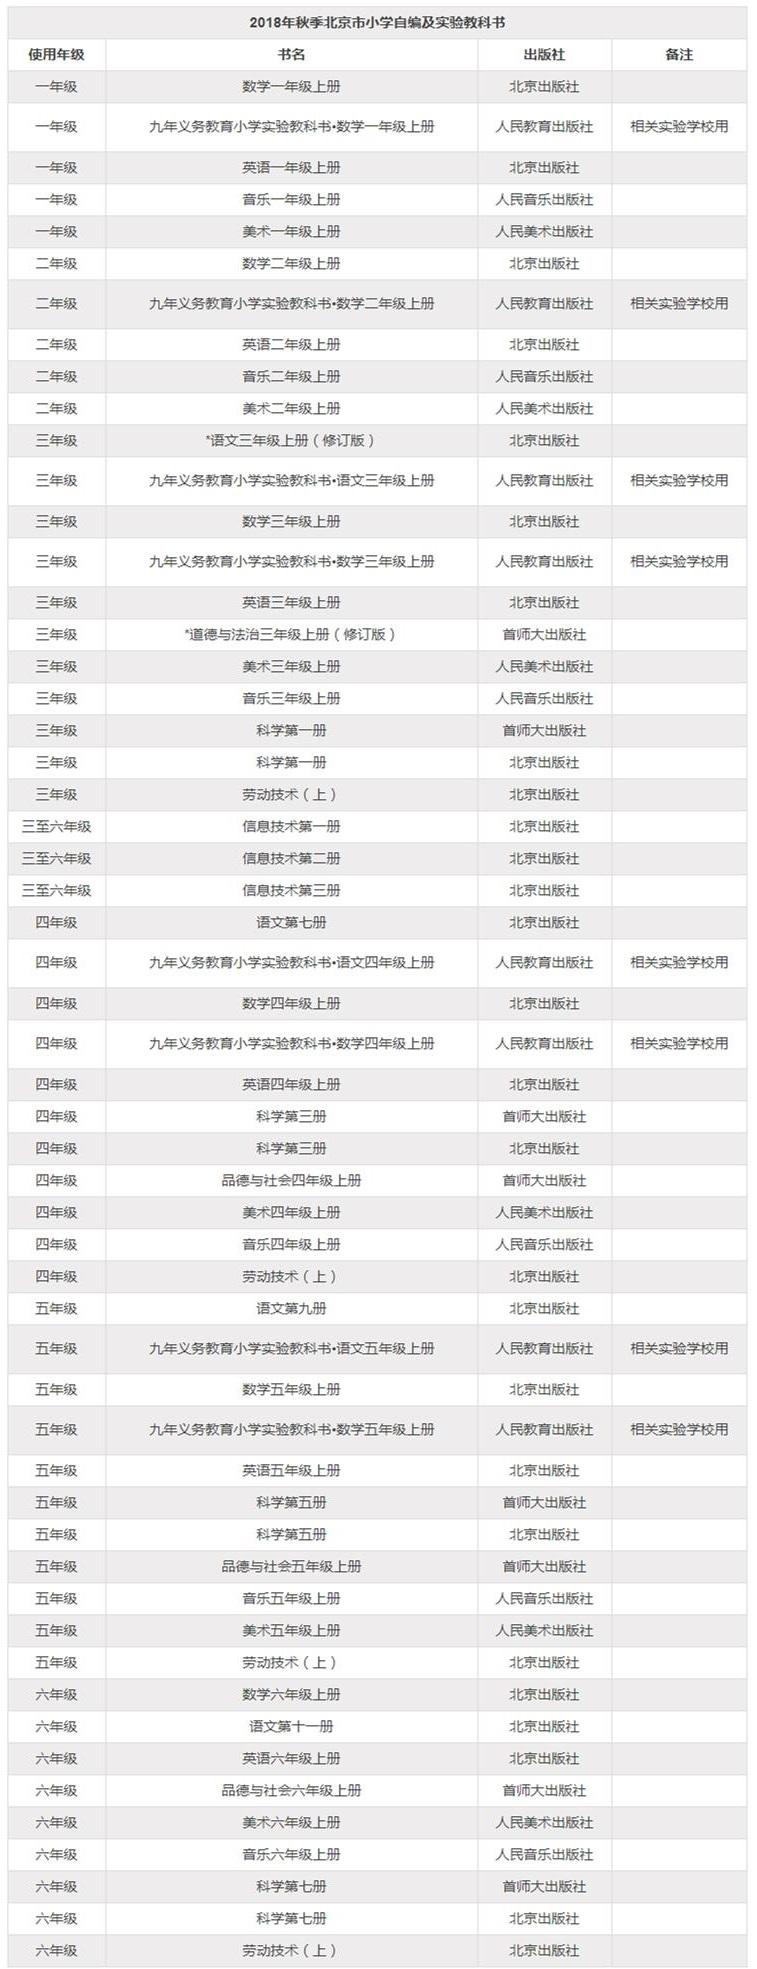 ★2018年秋季北京市小学自编及实验教科书参考